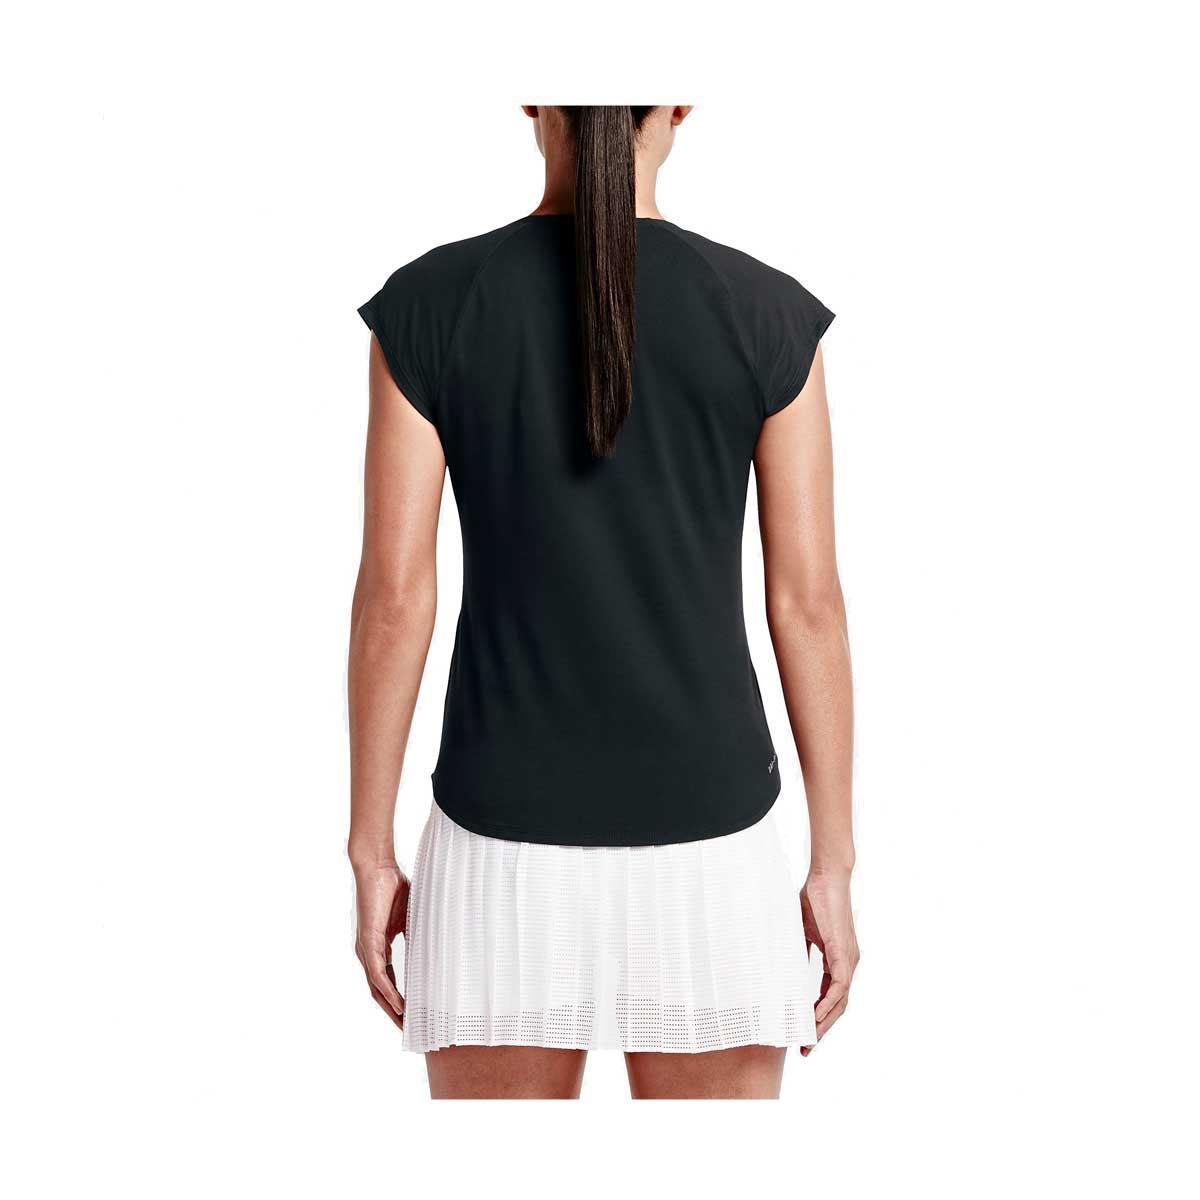 Camiseta Nike Top Pure Feminino 250a0504dfc74